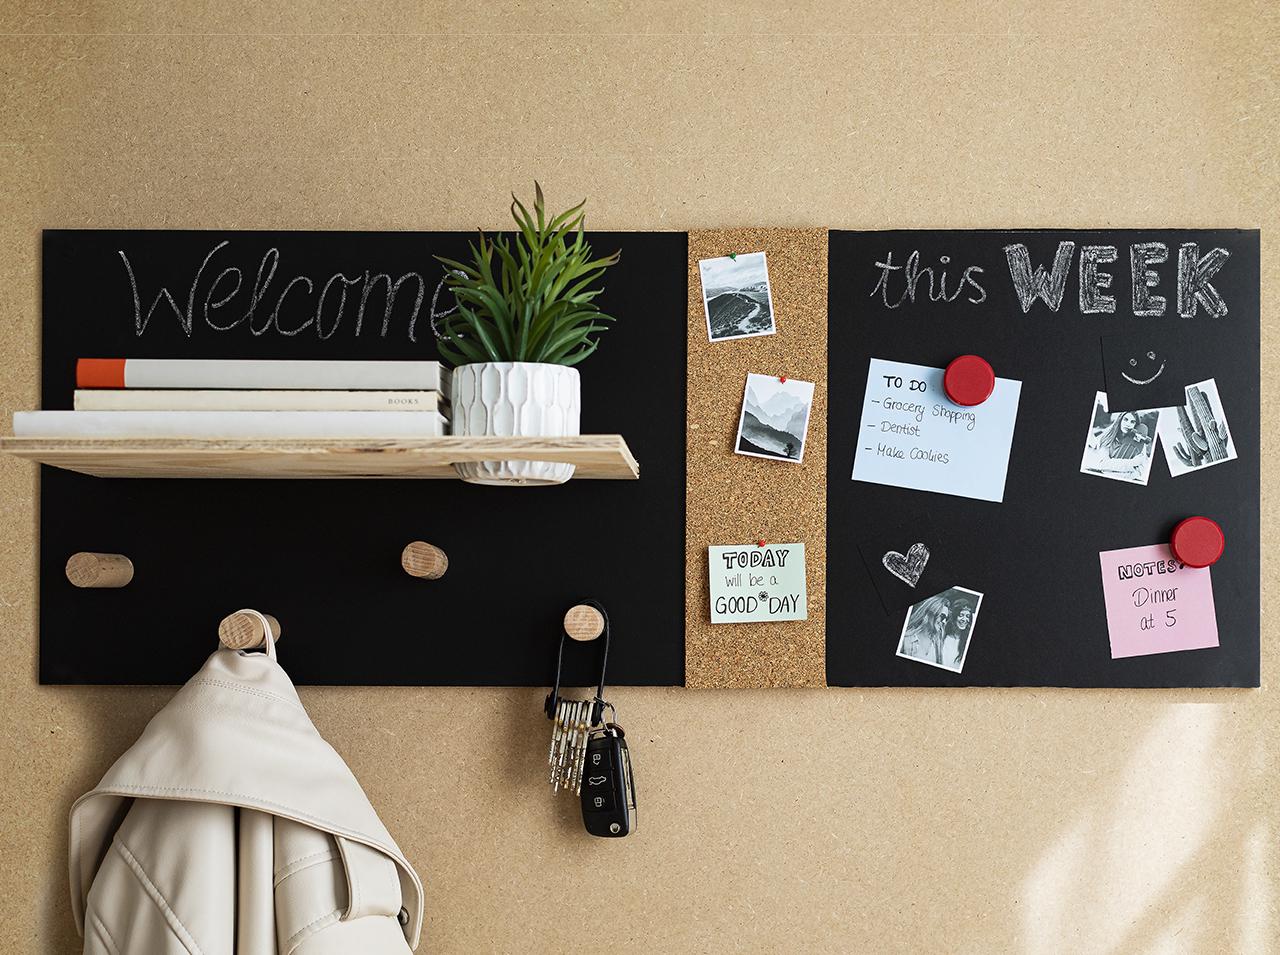 Selbst gebauter Organizer für die Wand aus Holz mit magnetischer d-c-fix® Tafelfolie beklebt.